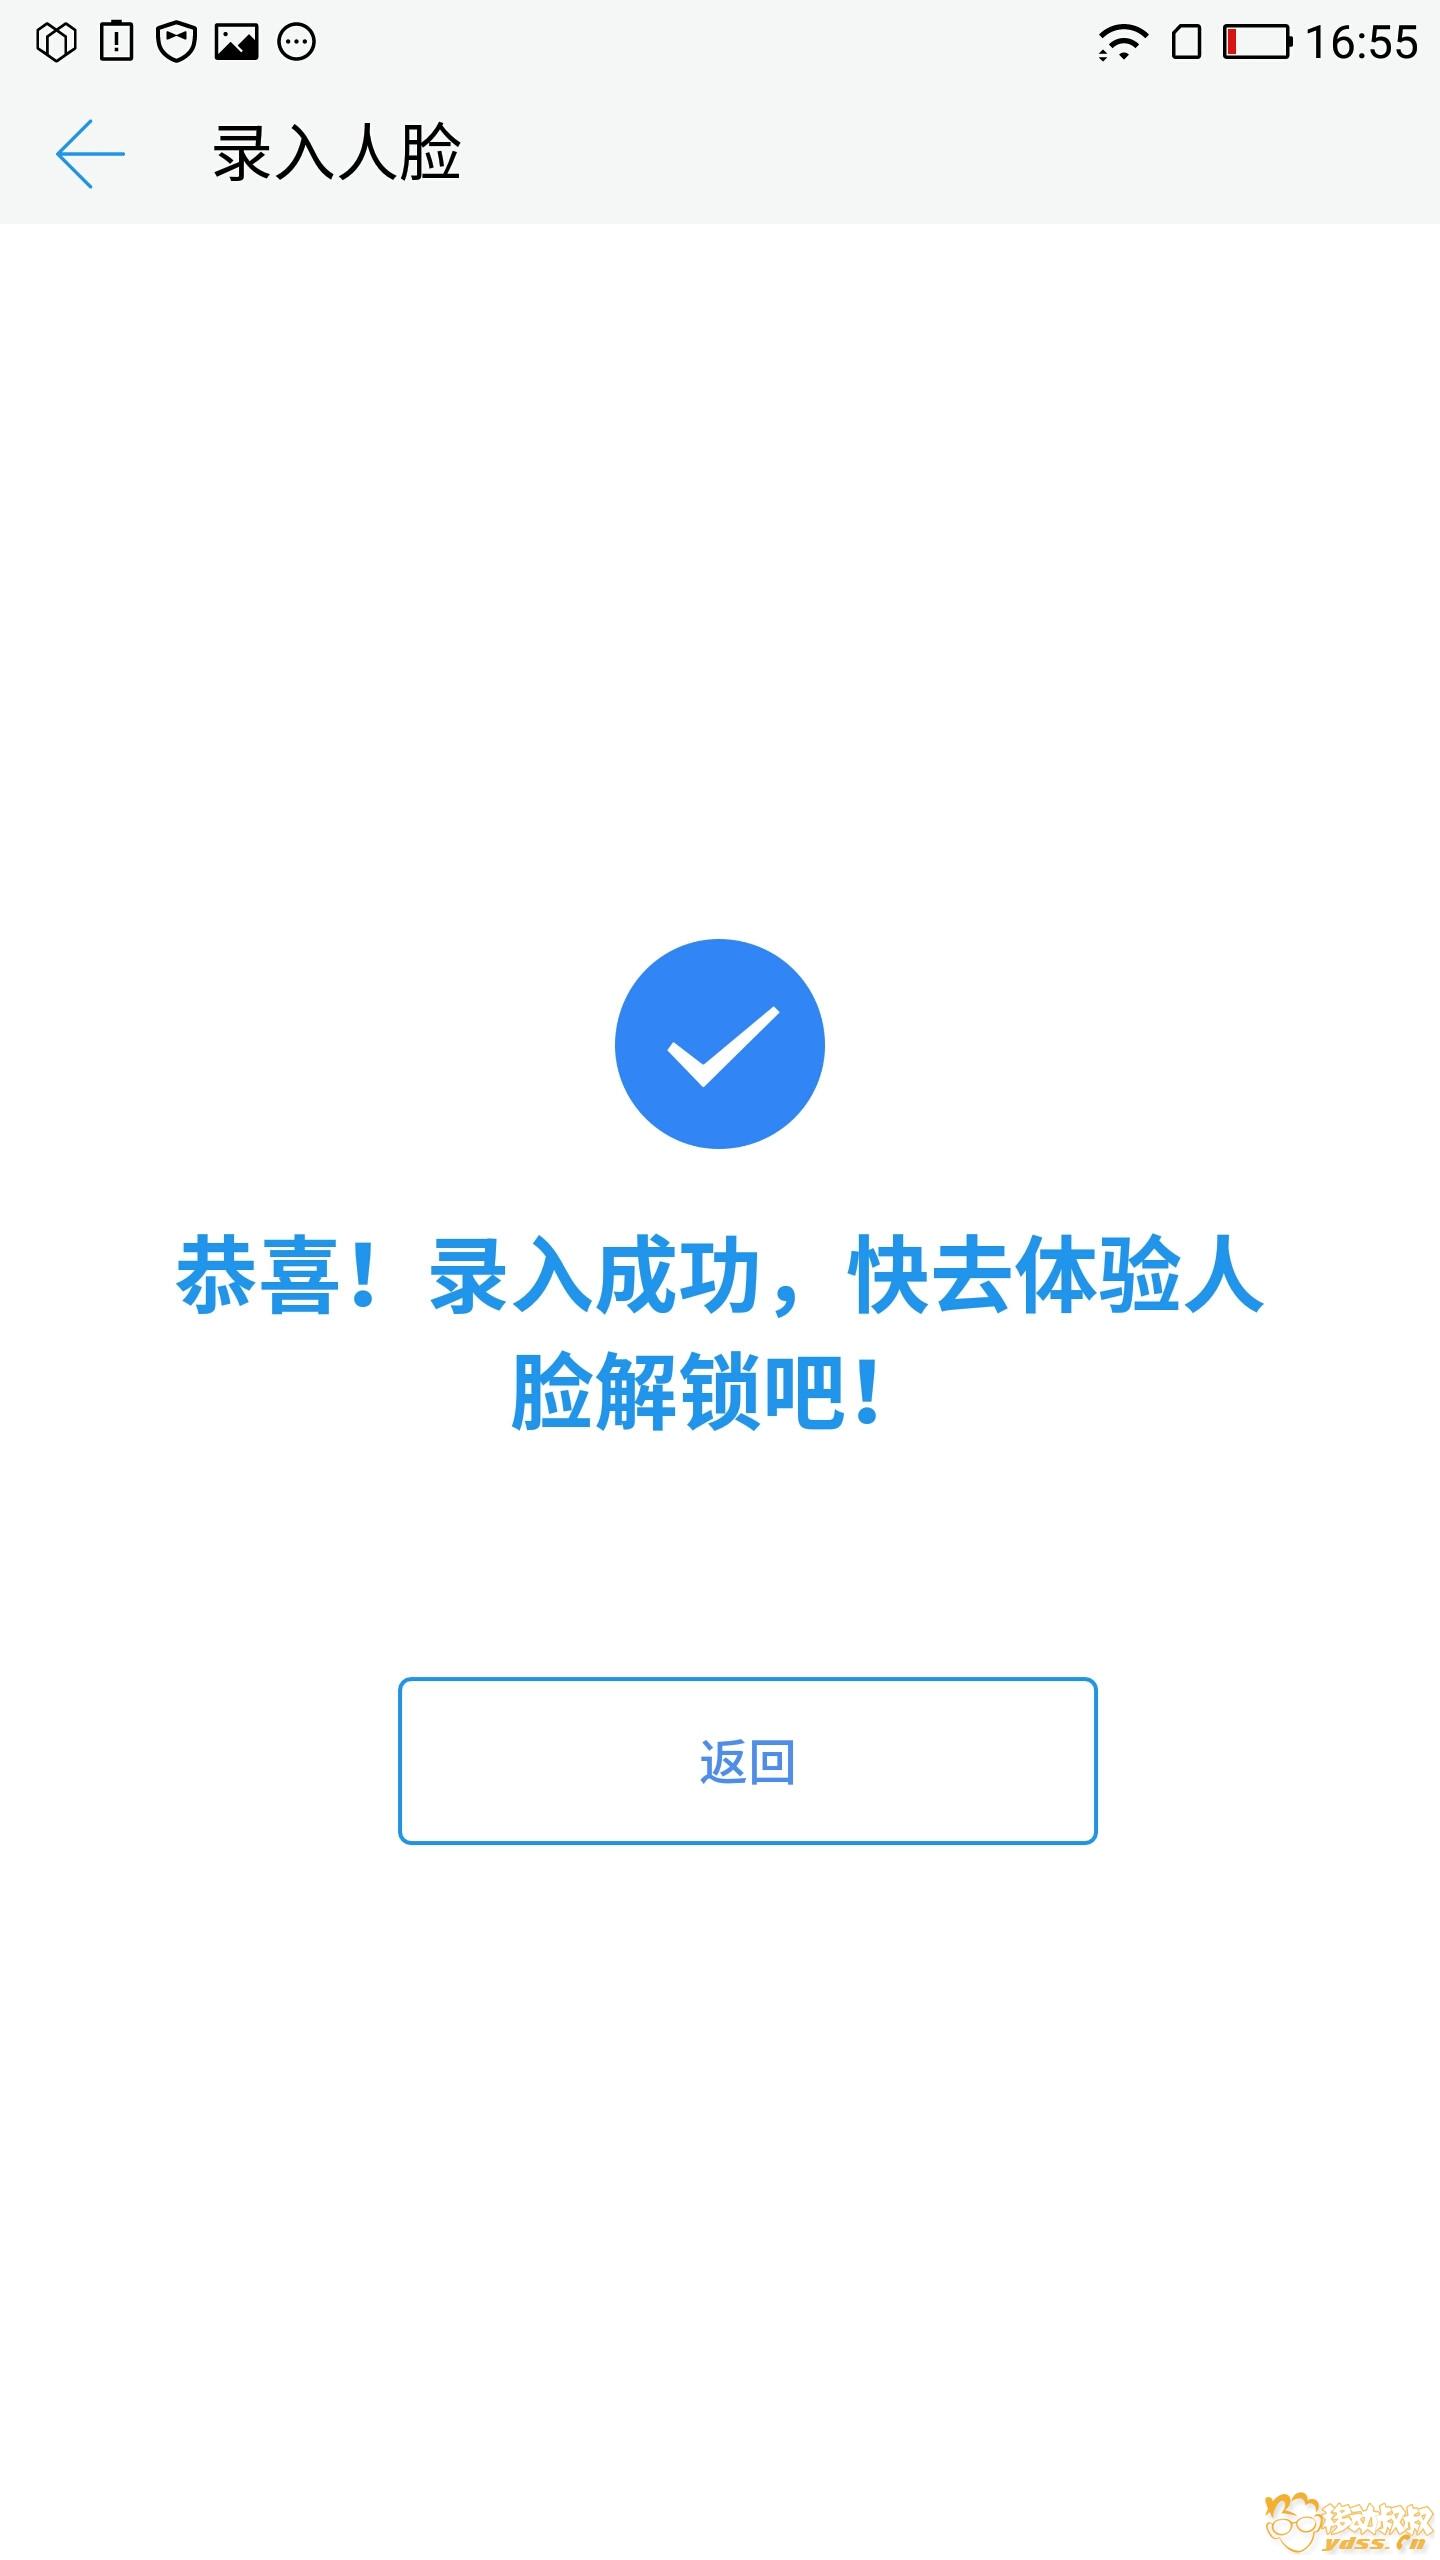 Screenshot_20190314-165541.jpg